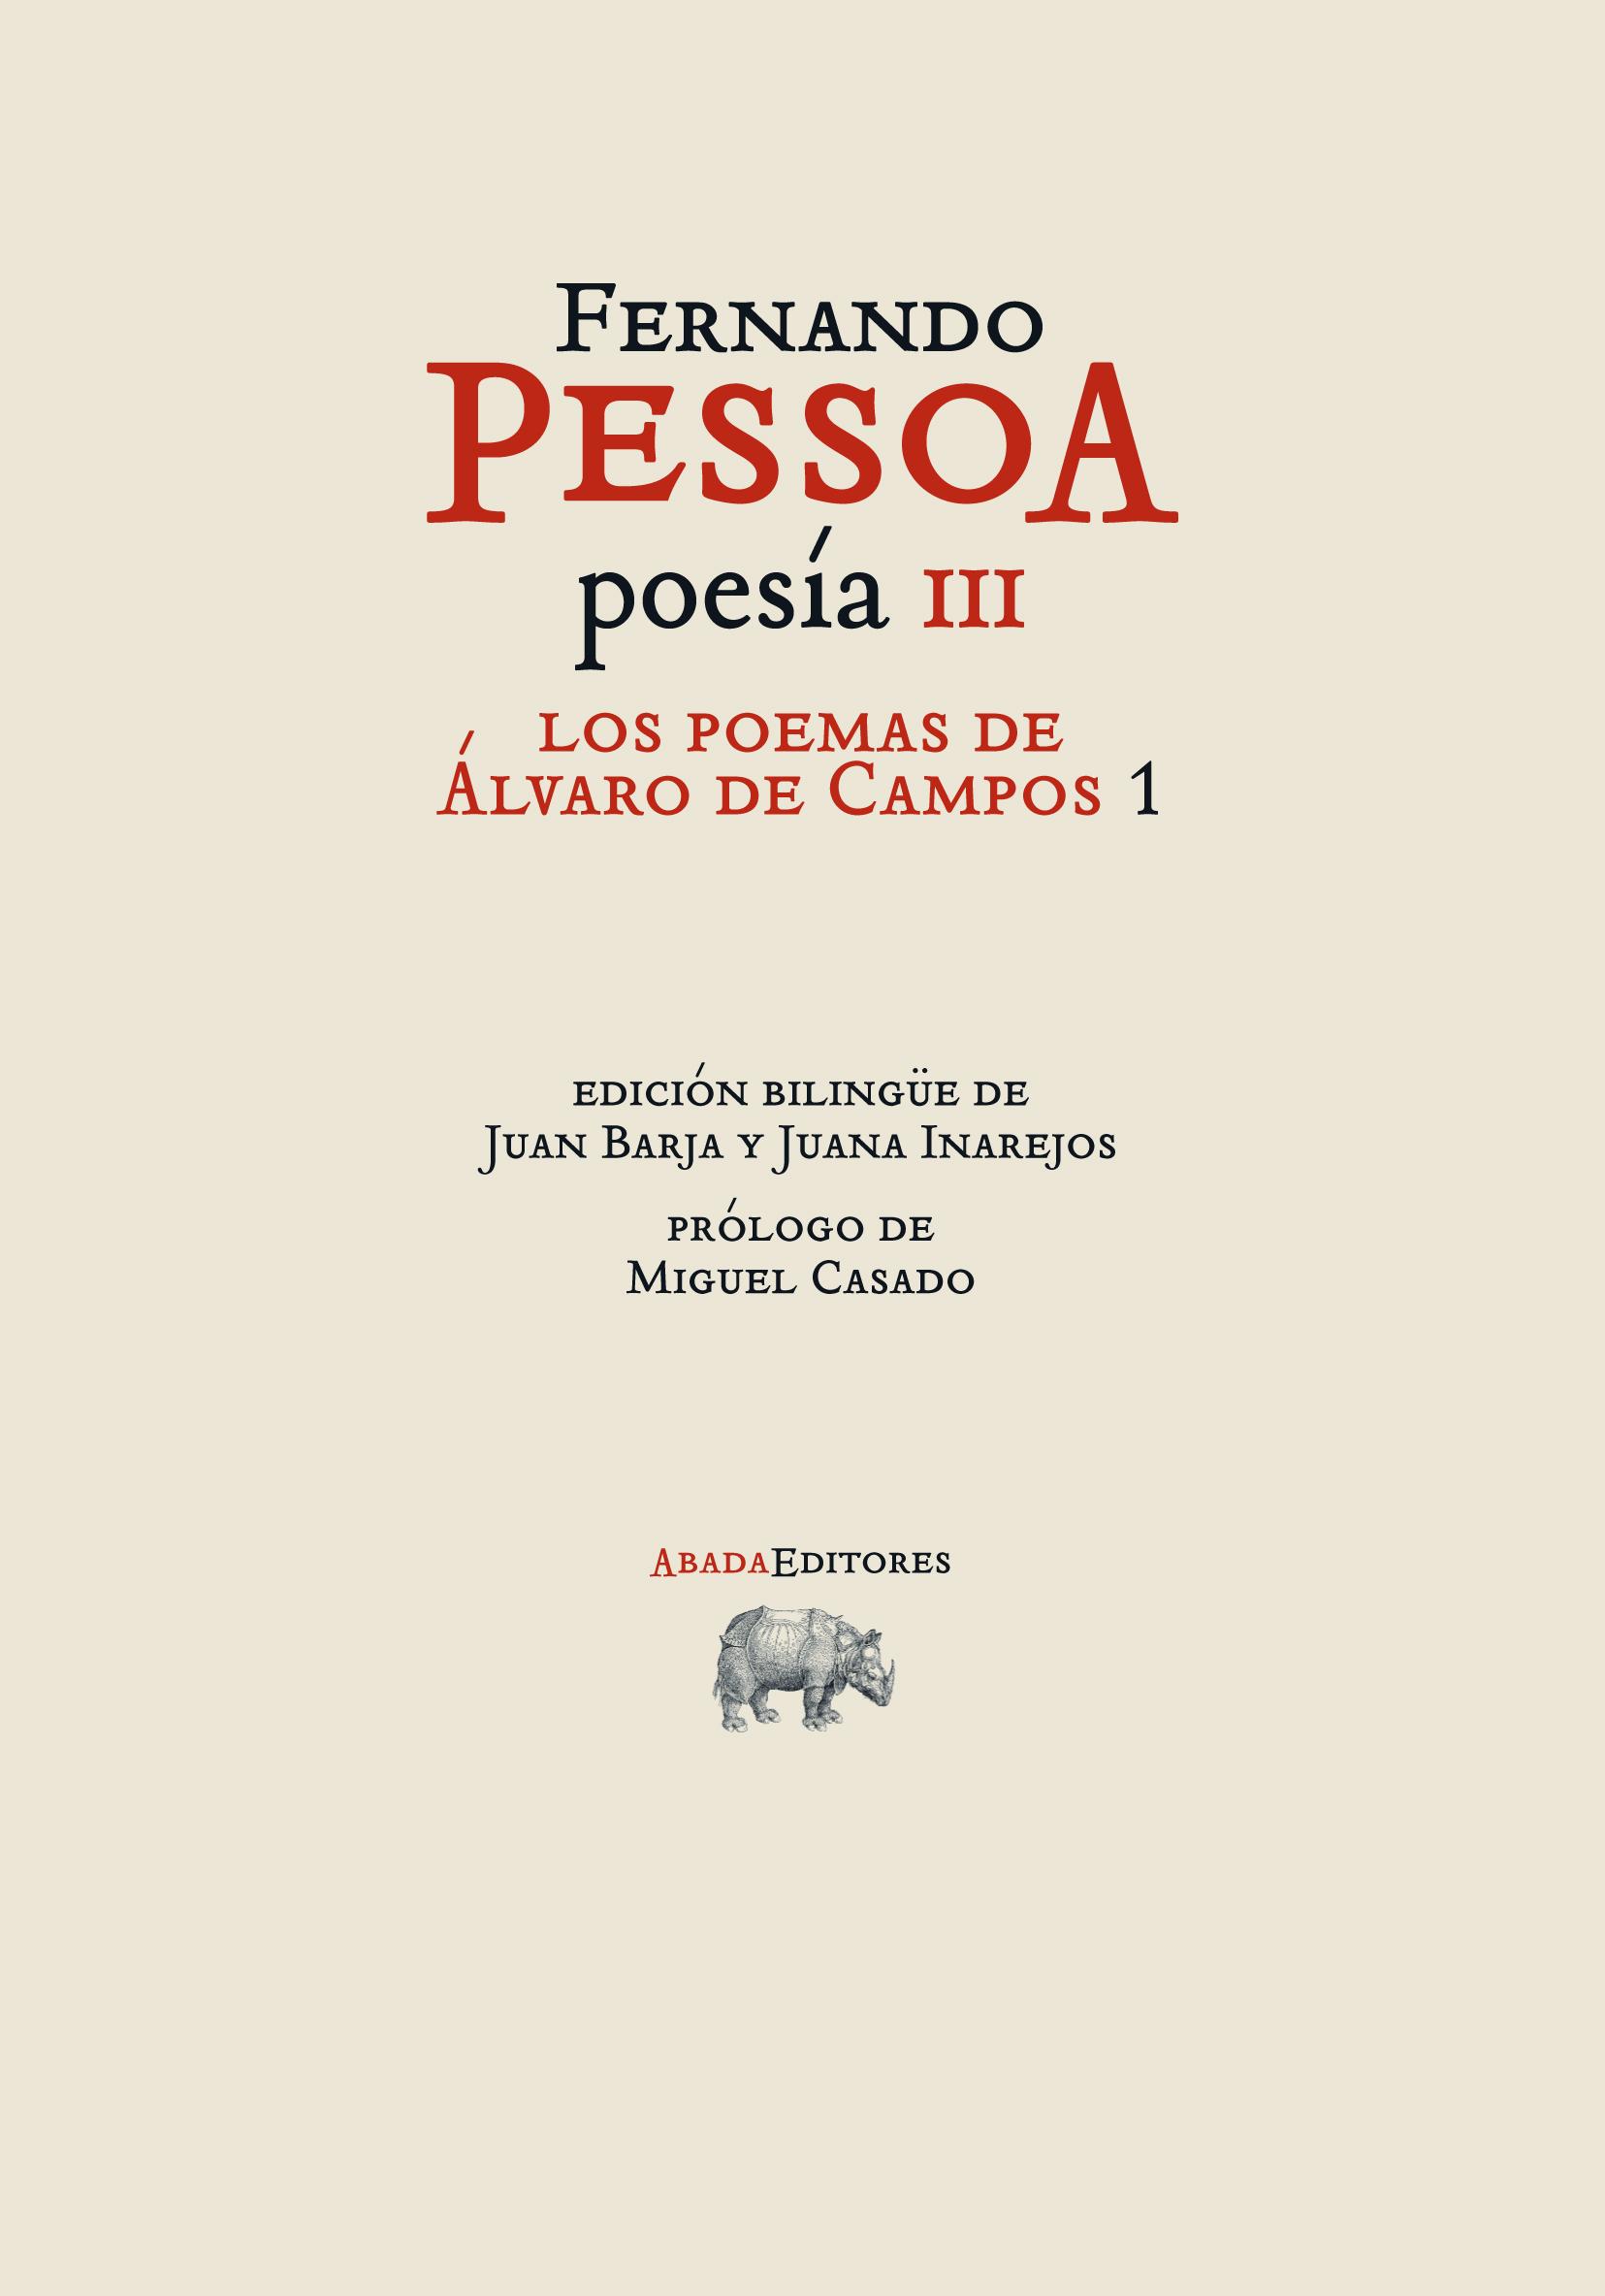 Descargar POESIA III: LOS POEMAS DE ALVARO DE CAMPOS 1